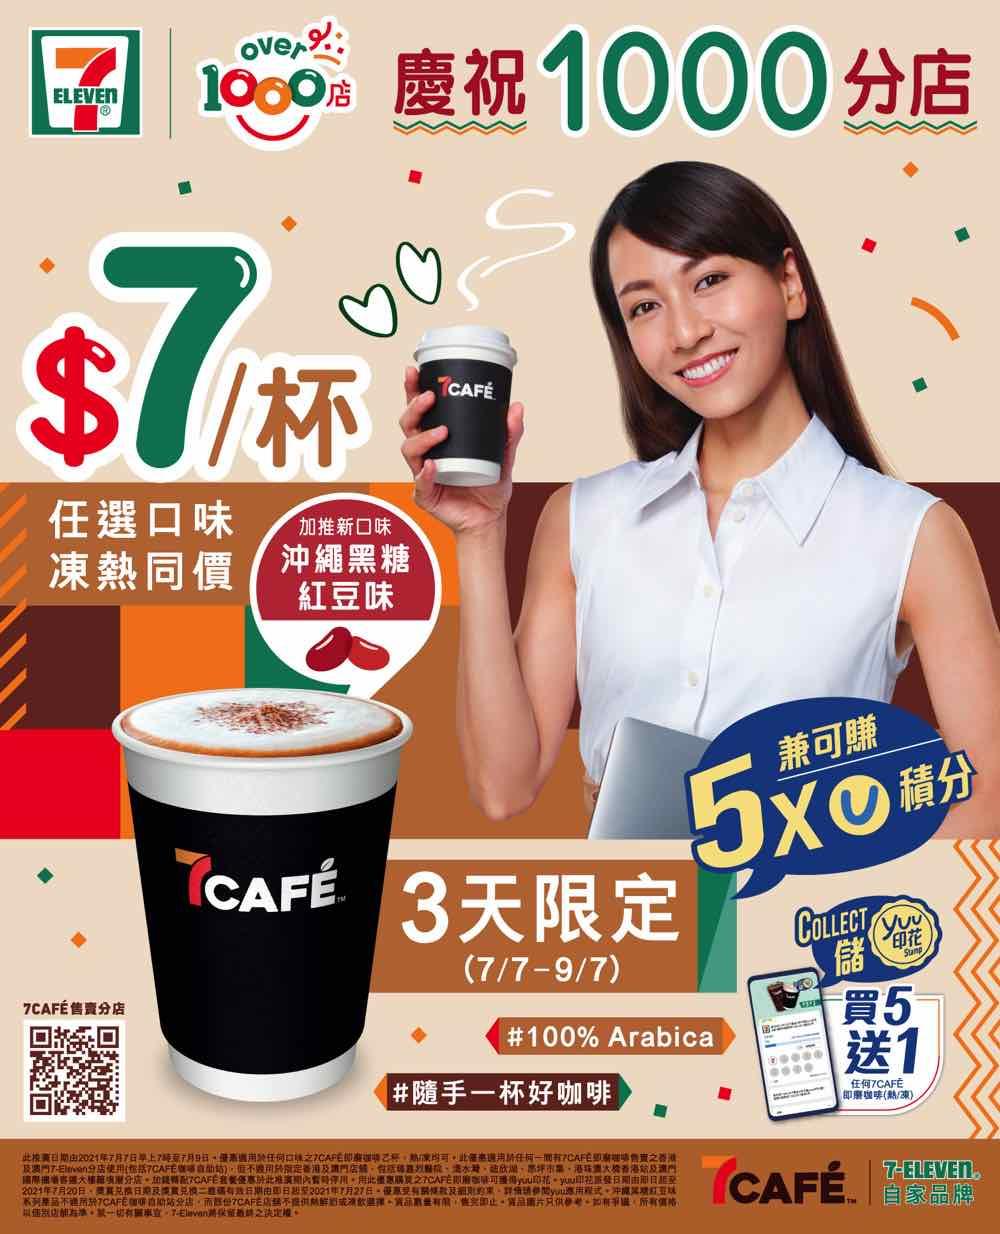 慶祝 7-Eleven 1000 分店3天限定   7CAFÉ 即磨咖啡 HK$7 賺 5 倍積分